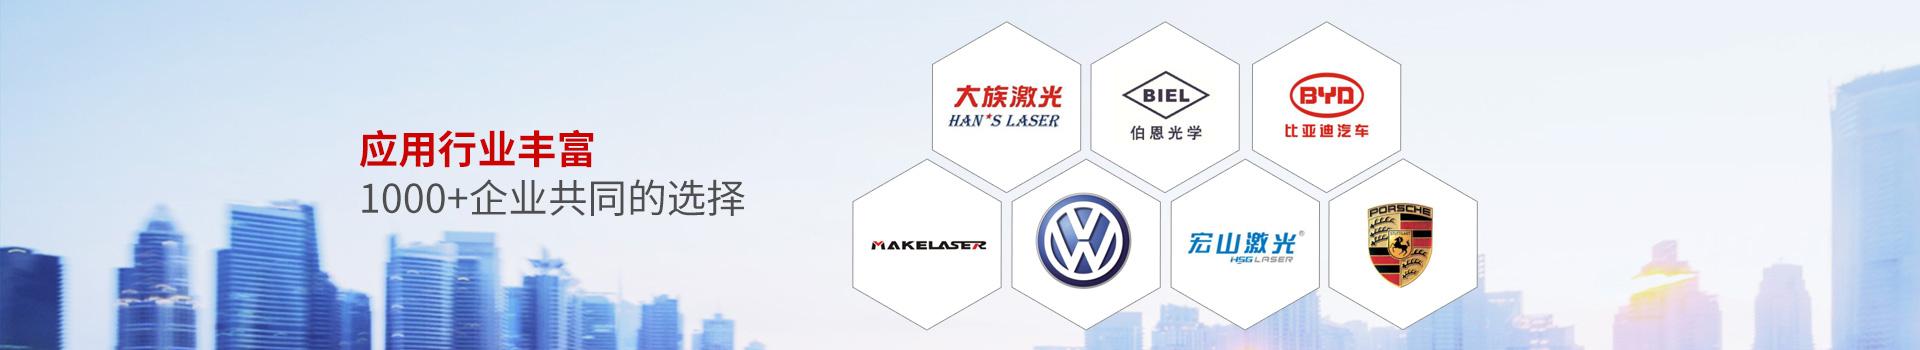 诺能泰应用行业丰富 1000+企业共同的选择